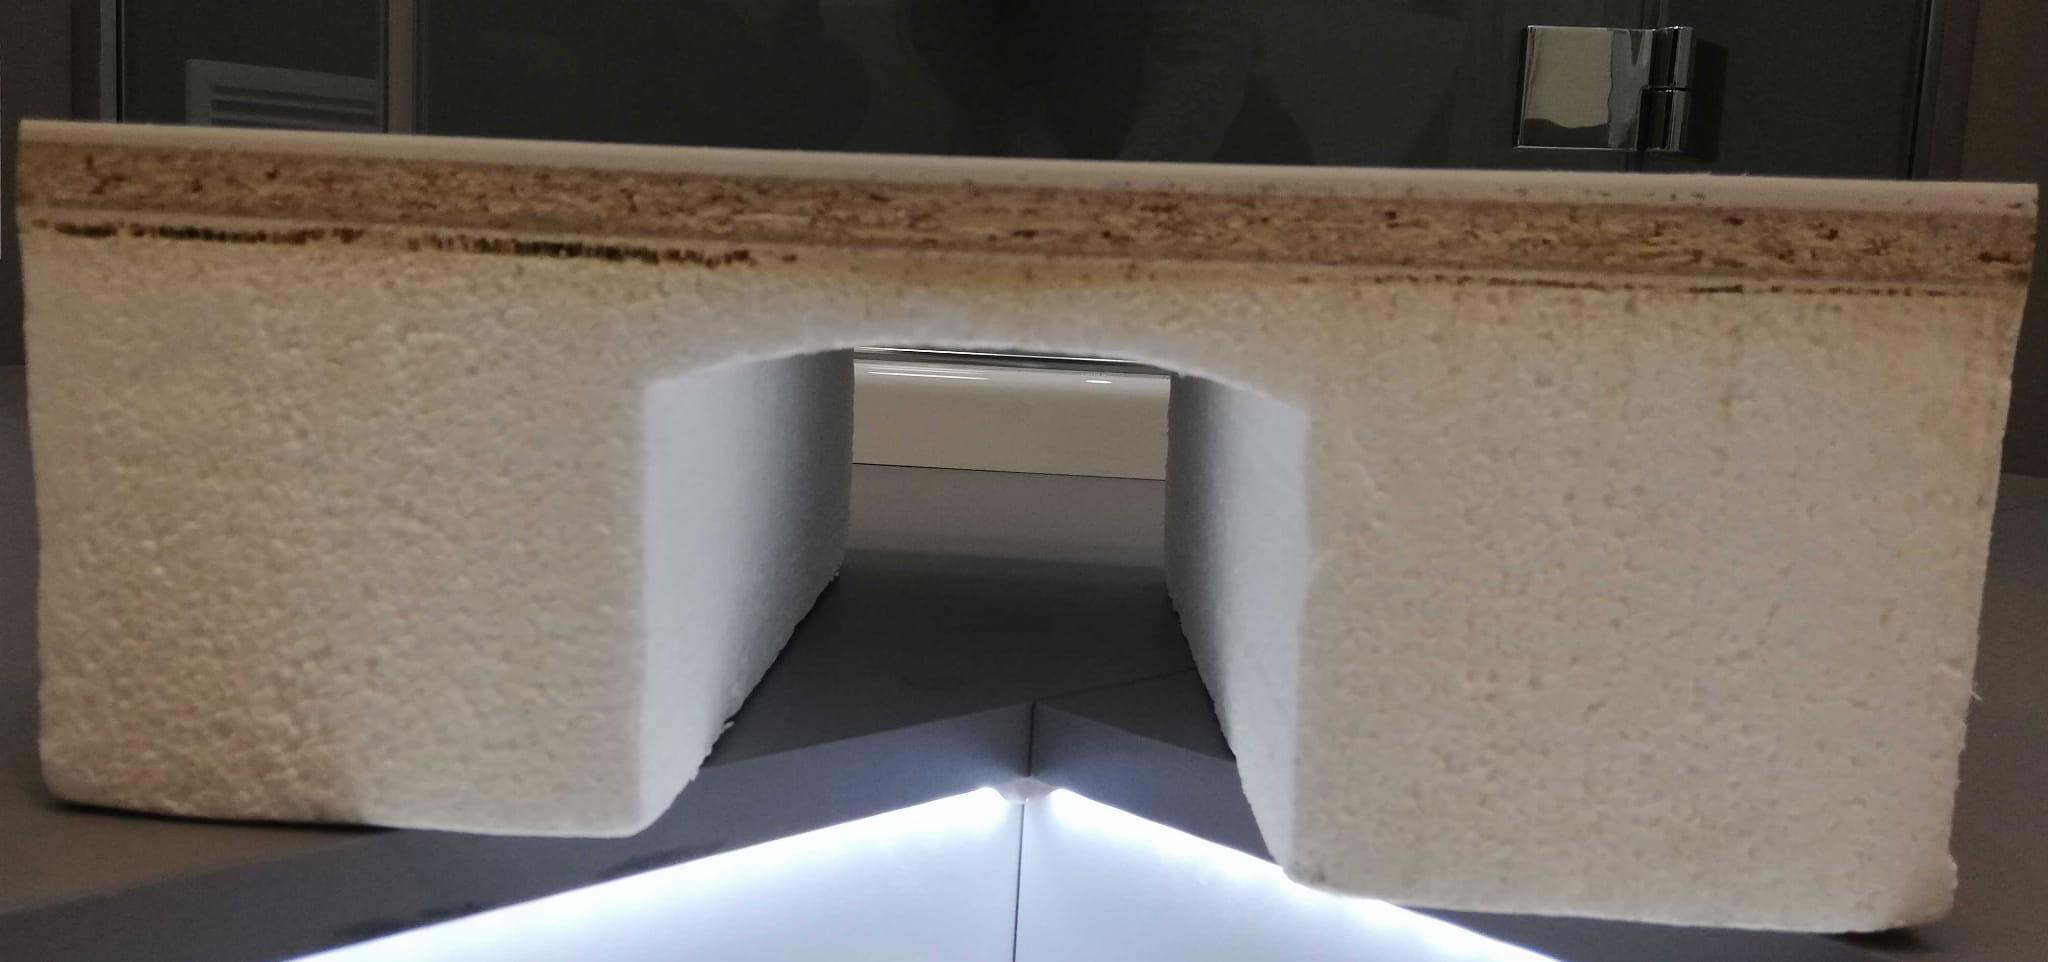 RADAWAY brodzik akrylowy Siros C 90 na podstawie styropianowej DO OBUDOWANIA.  SBC9917-1